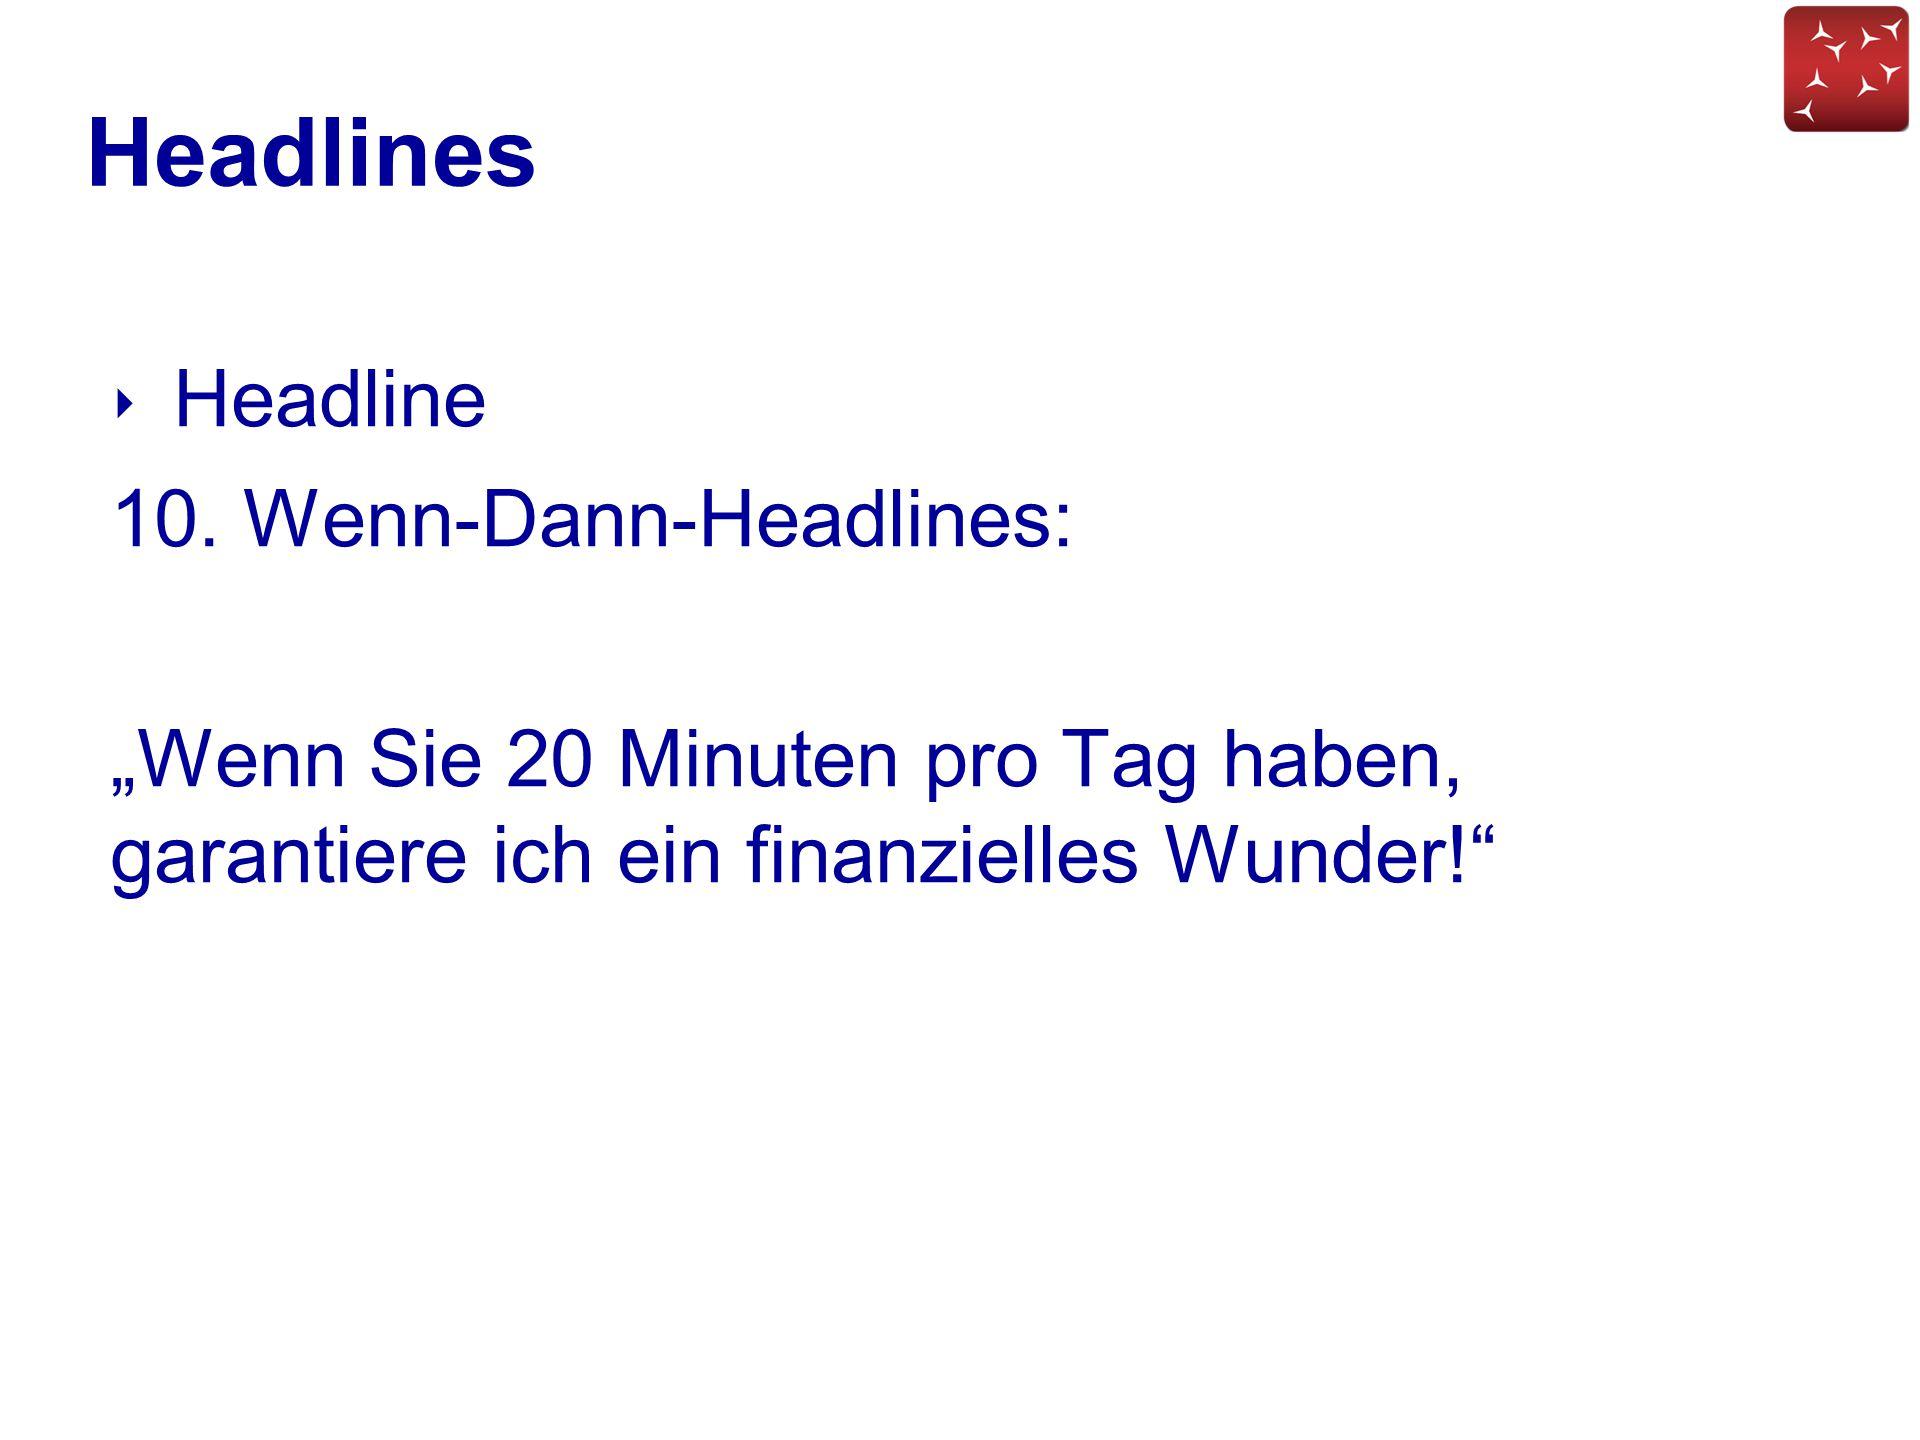 """Headlines ‣ Headline 10. Wenn-Dann-Headlines: """"Wenn Sie 20 Minuten pro Tag haben, garantiere ich ein finanzielles Wunder!"""""""